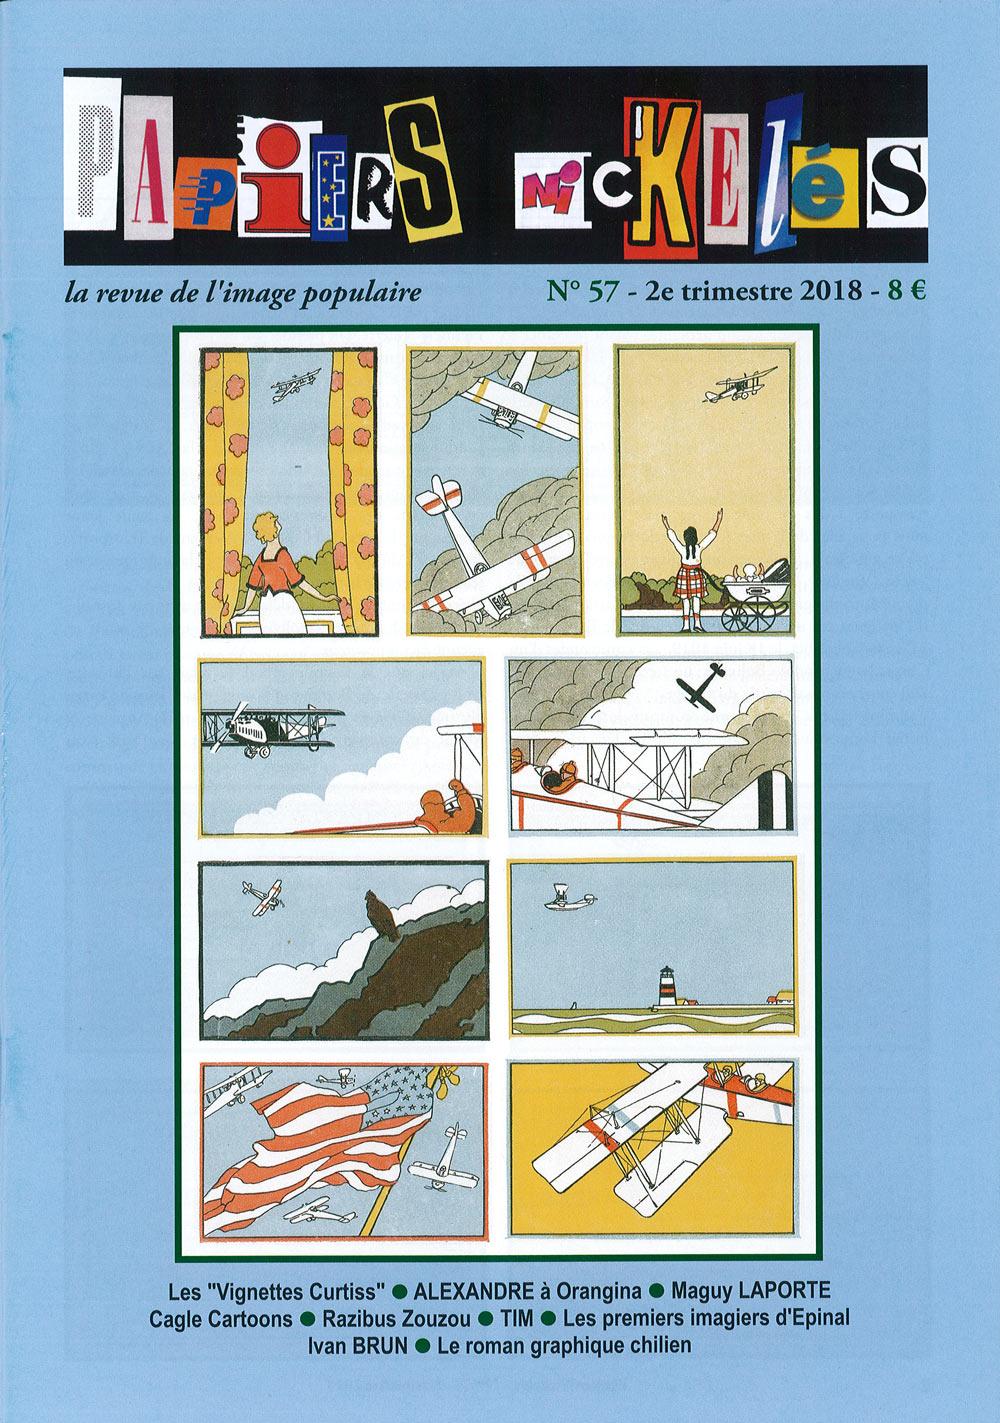 Papiers Nickelés n°57